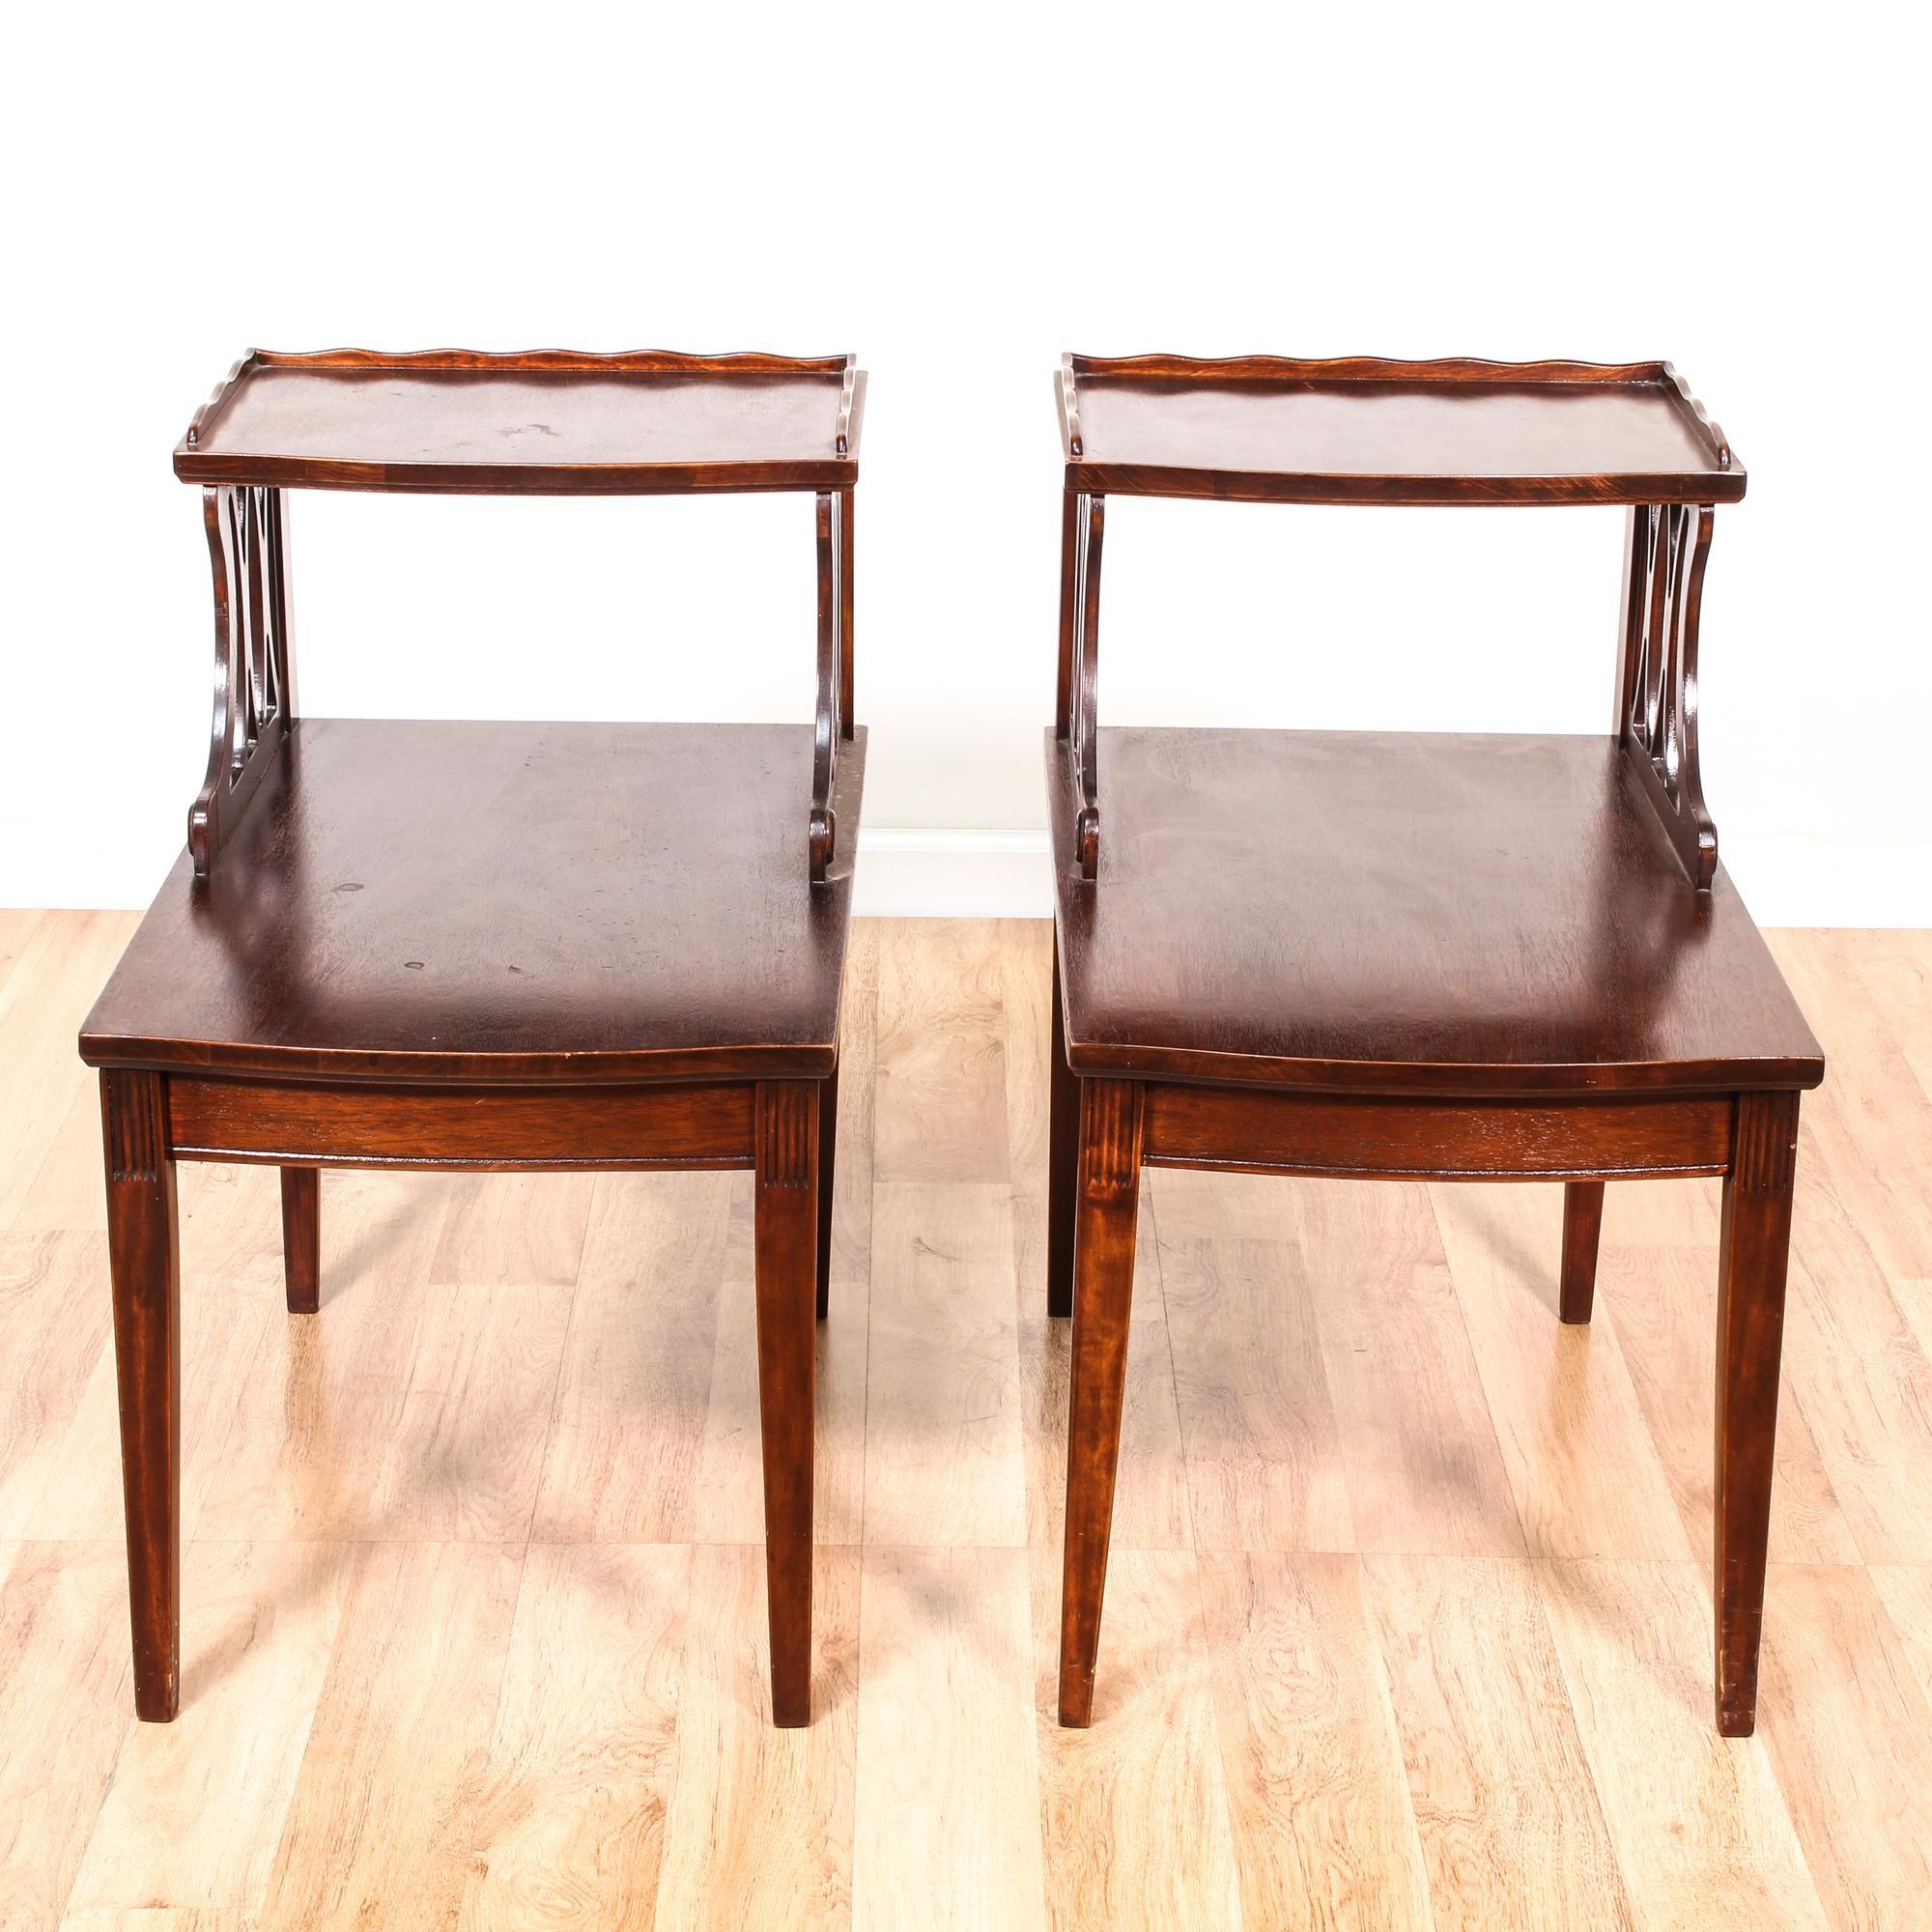 0d695a56c42397f3a646a04131b07578 Incroyable De Table Vintage Des Idées